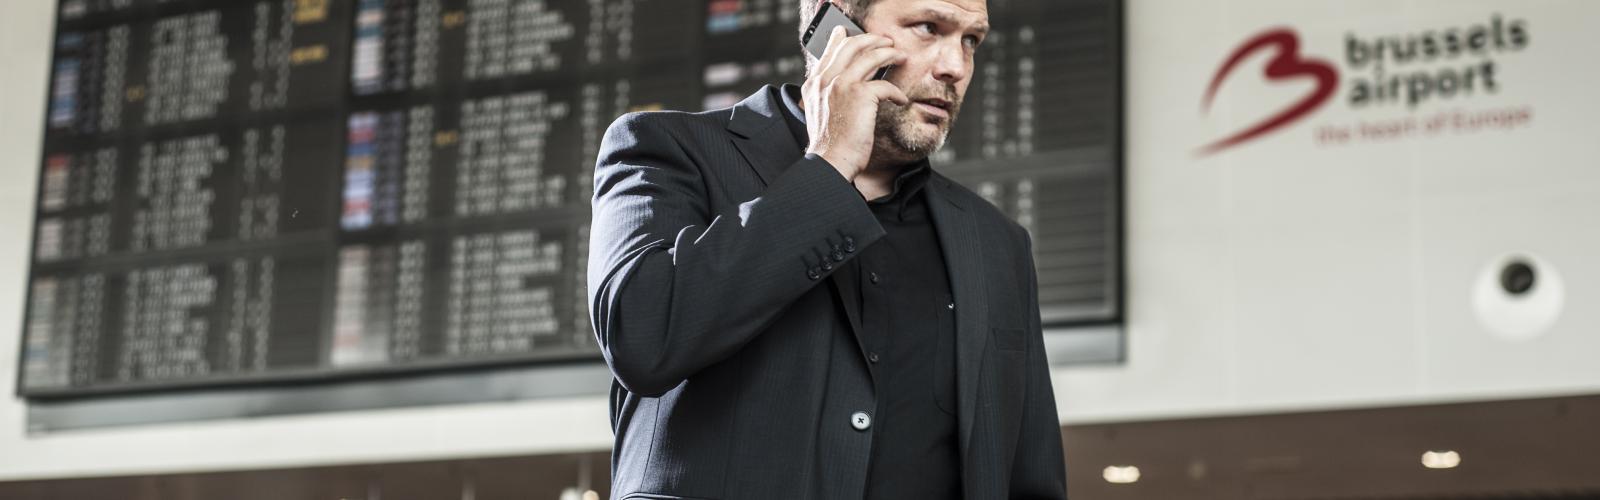 Man telefoneert op de luchthaven